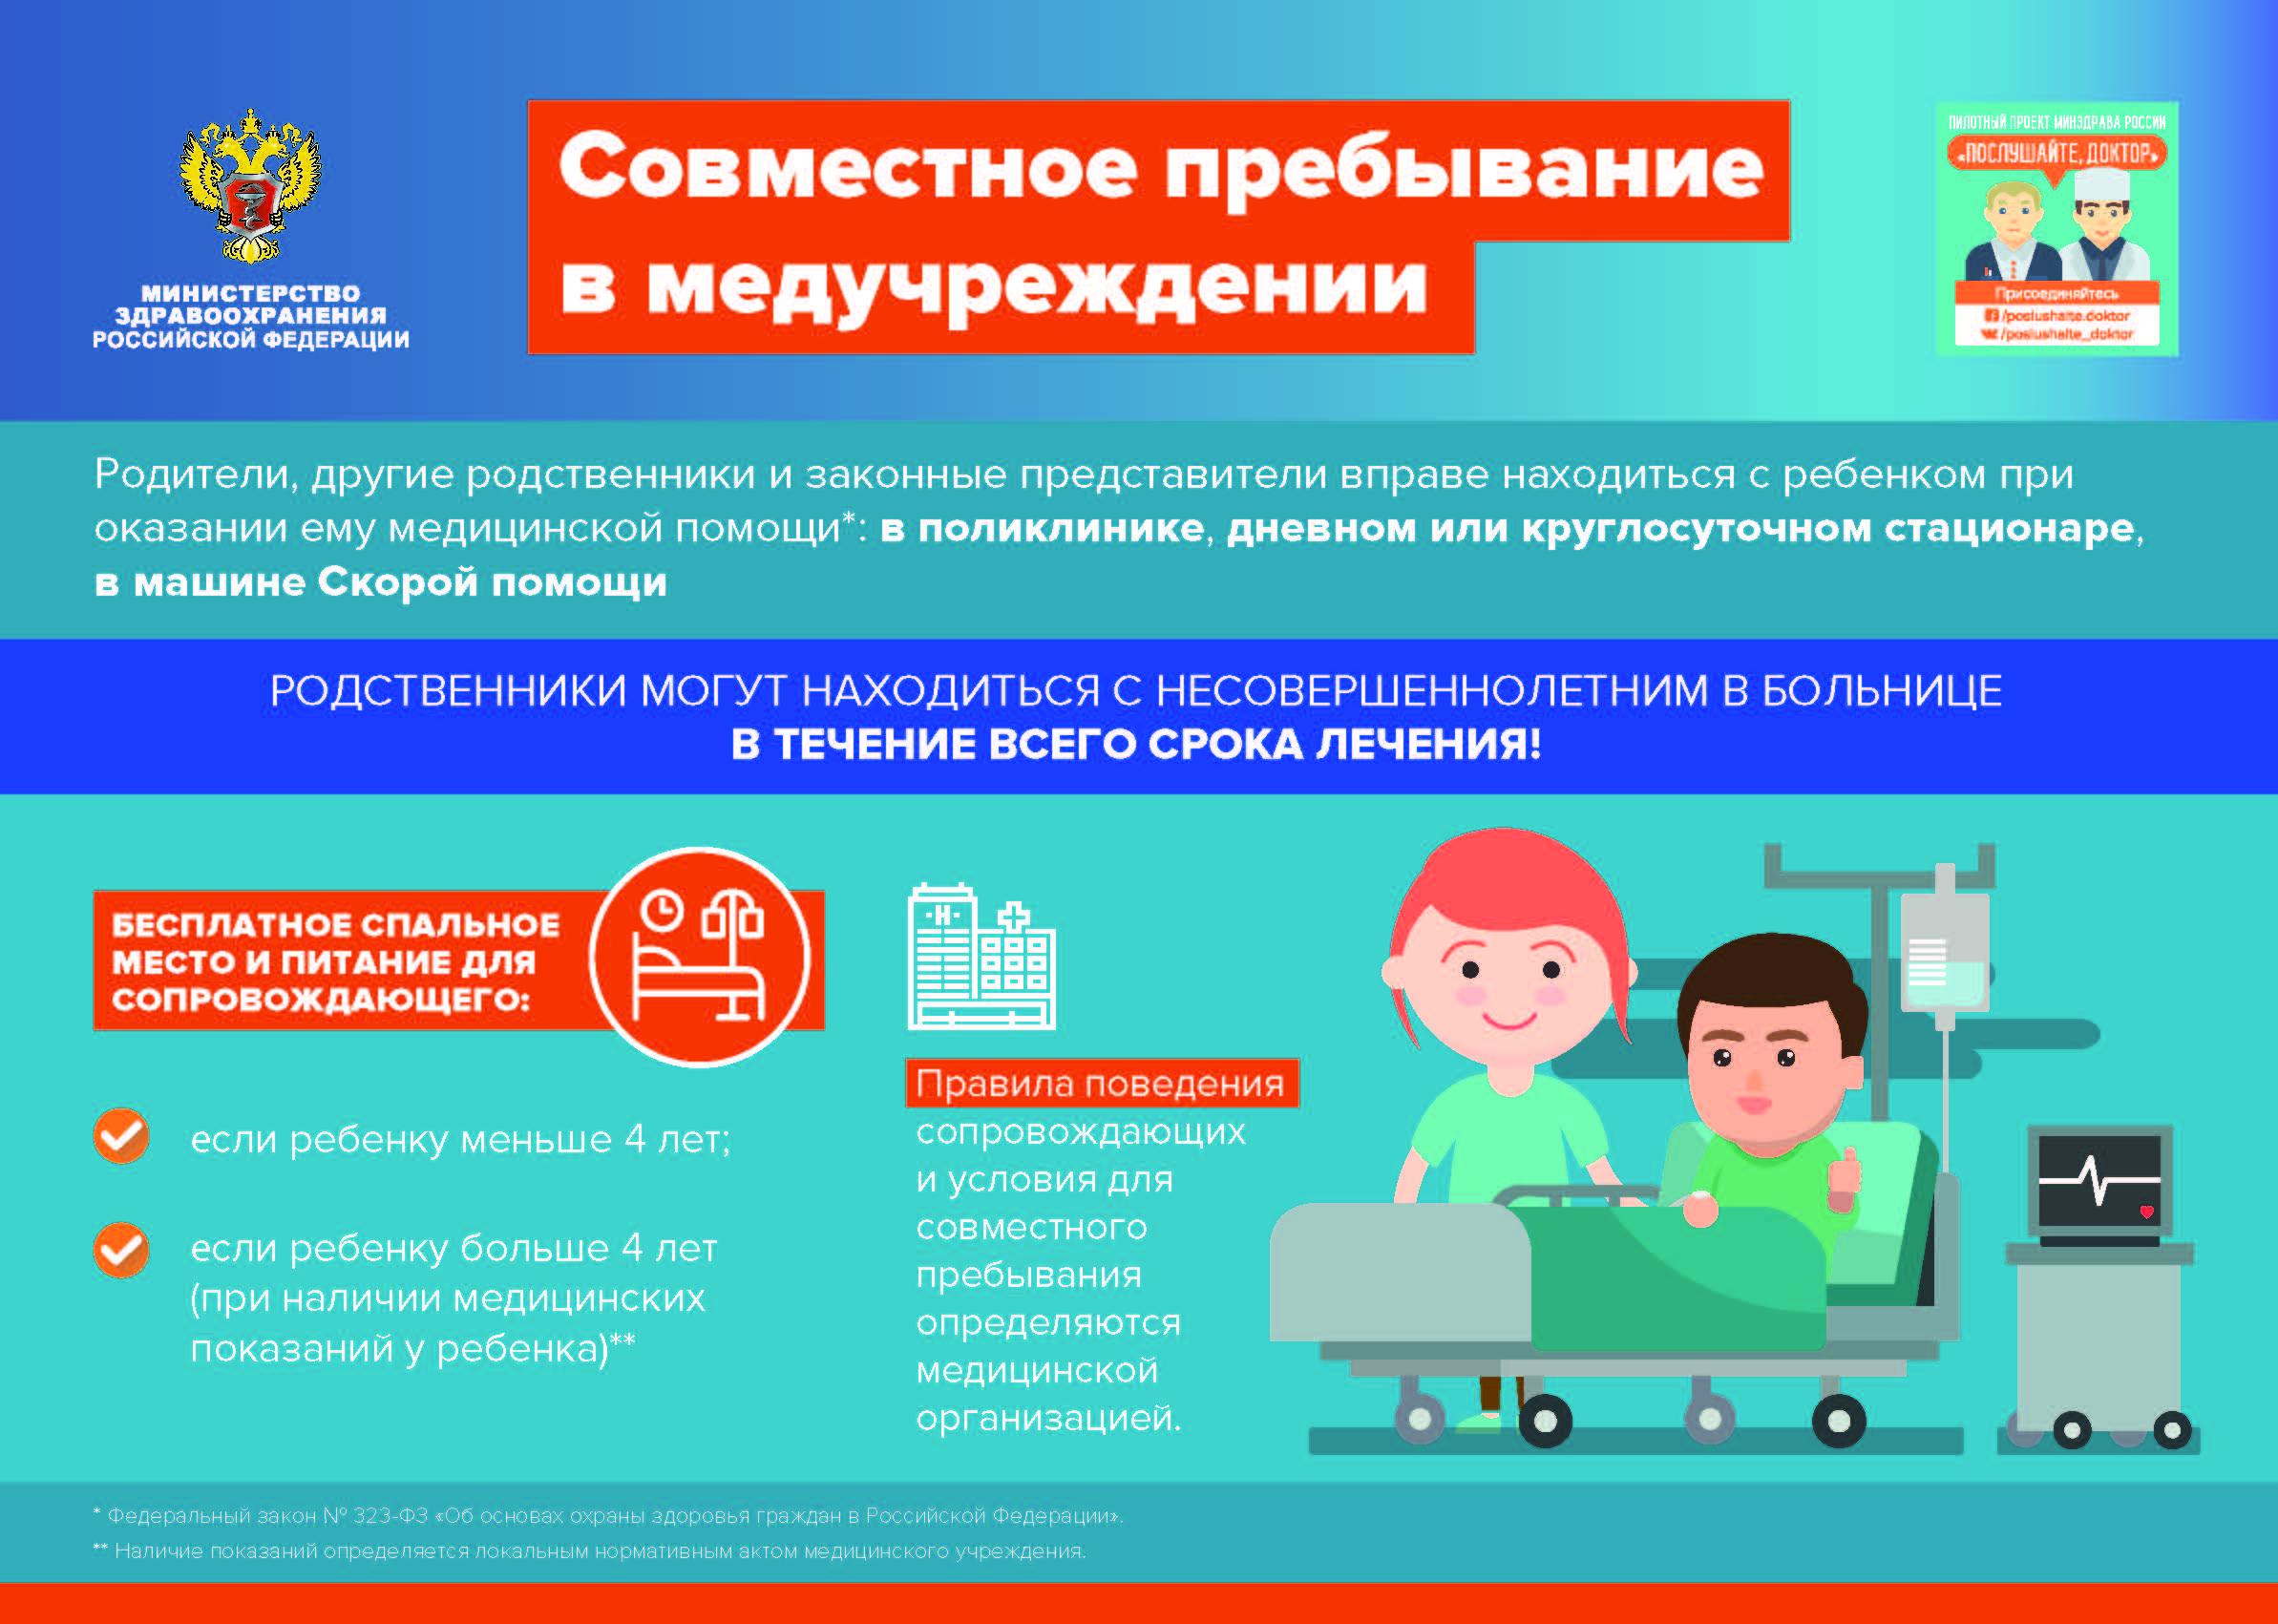 Горячая линия по проблемам алкоголизма департамента здравоохранения города подшивание алкоголизма Москве